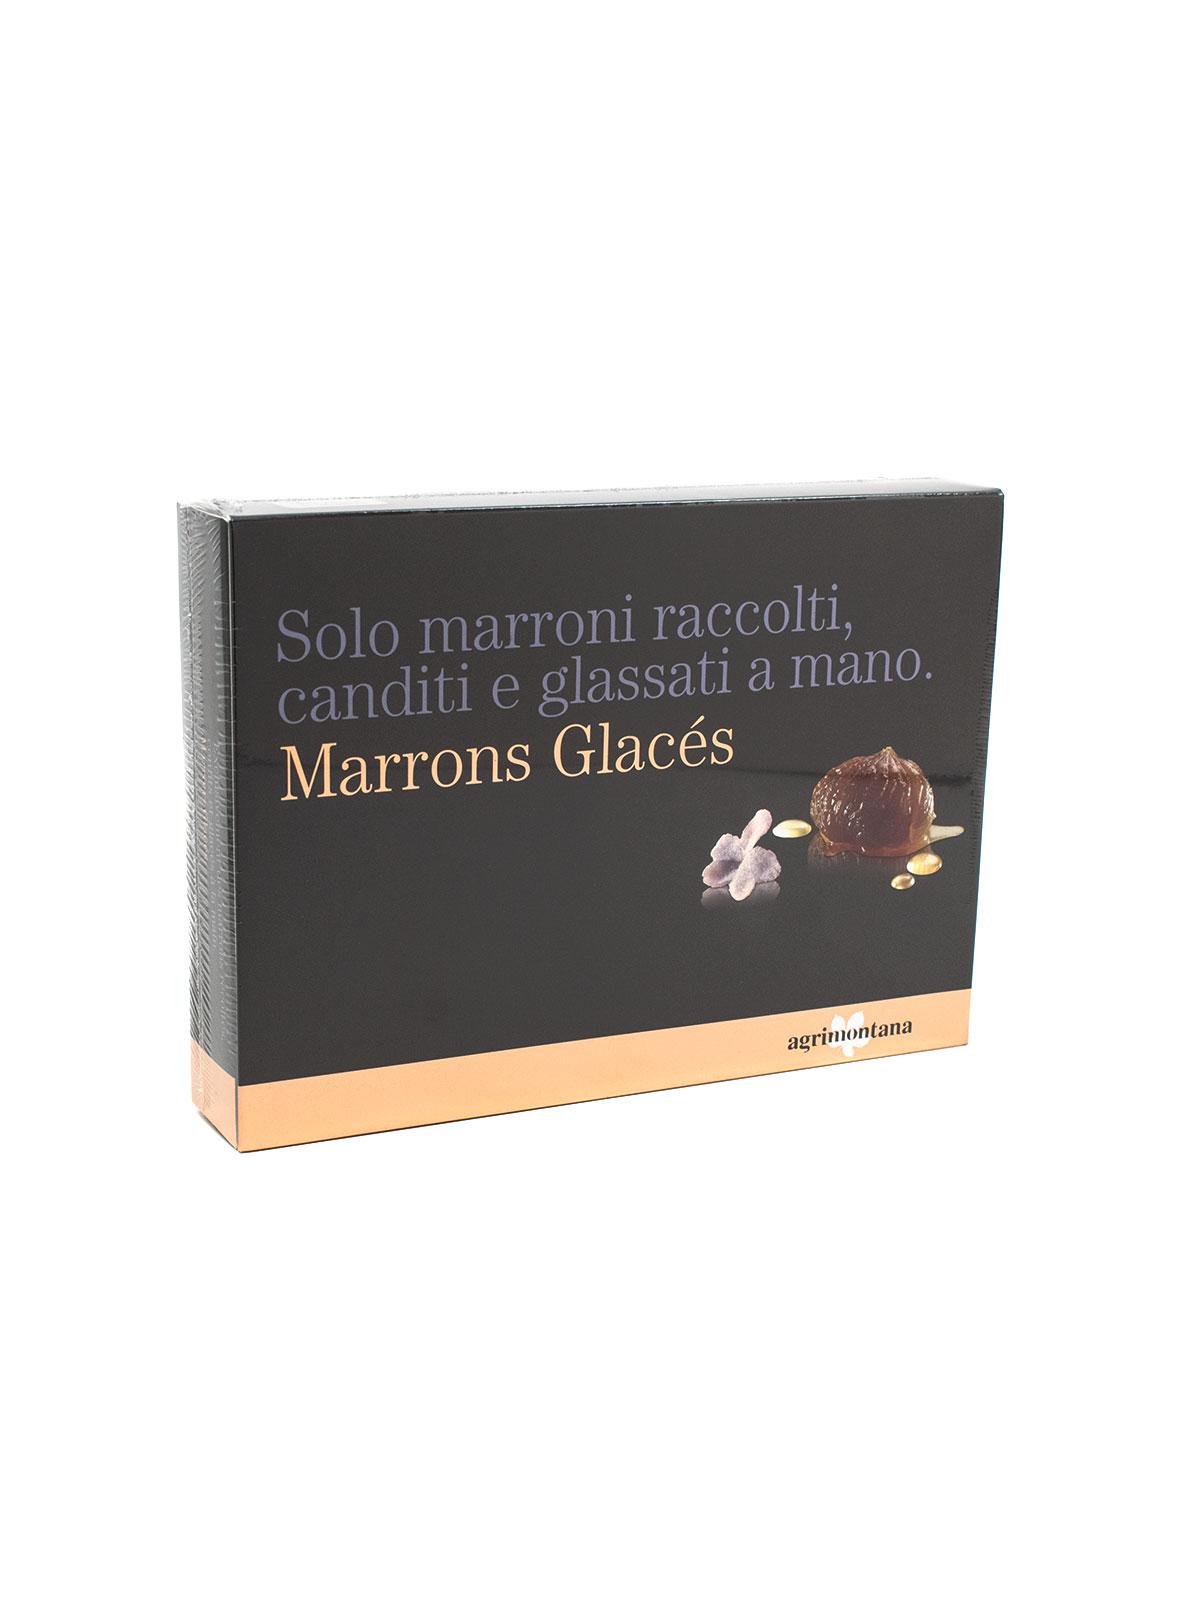 Marron Glacés - Sweets, Treats & Snacks - Buon'Italia